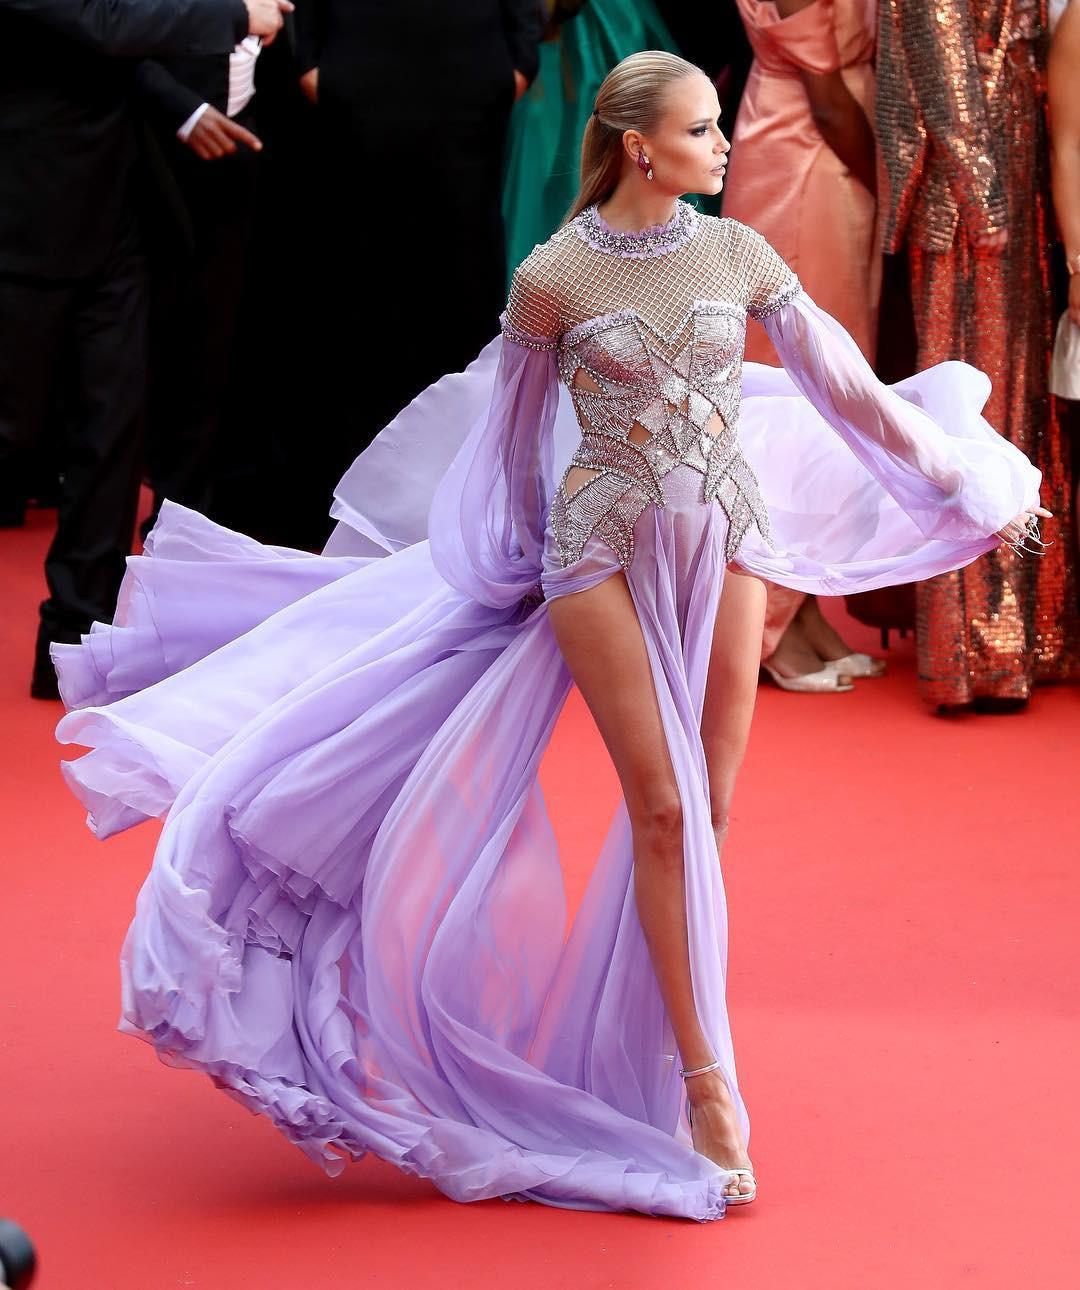 Thảm đỏ Cannes những ngày qua không thiếu công chúa nhưng phải đến bây giờ, nữ hoàng mới thực sự xuất hiện - Ảnh 5.